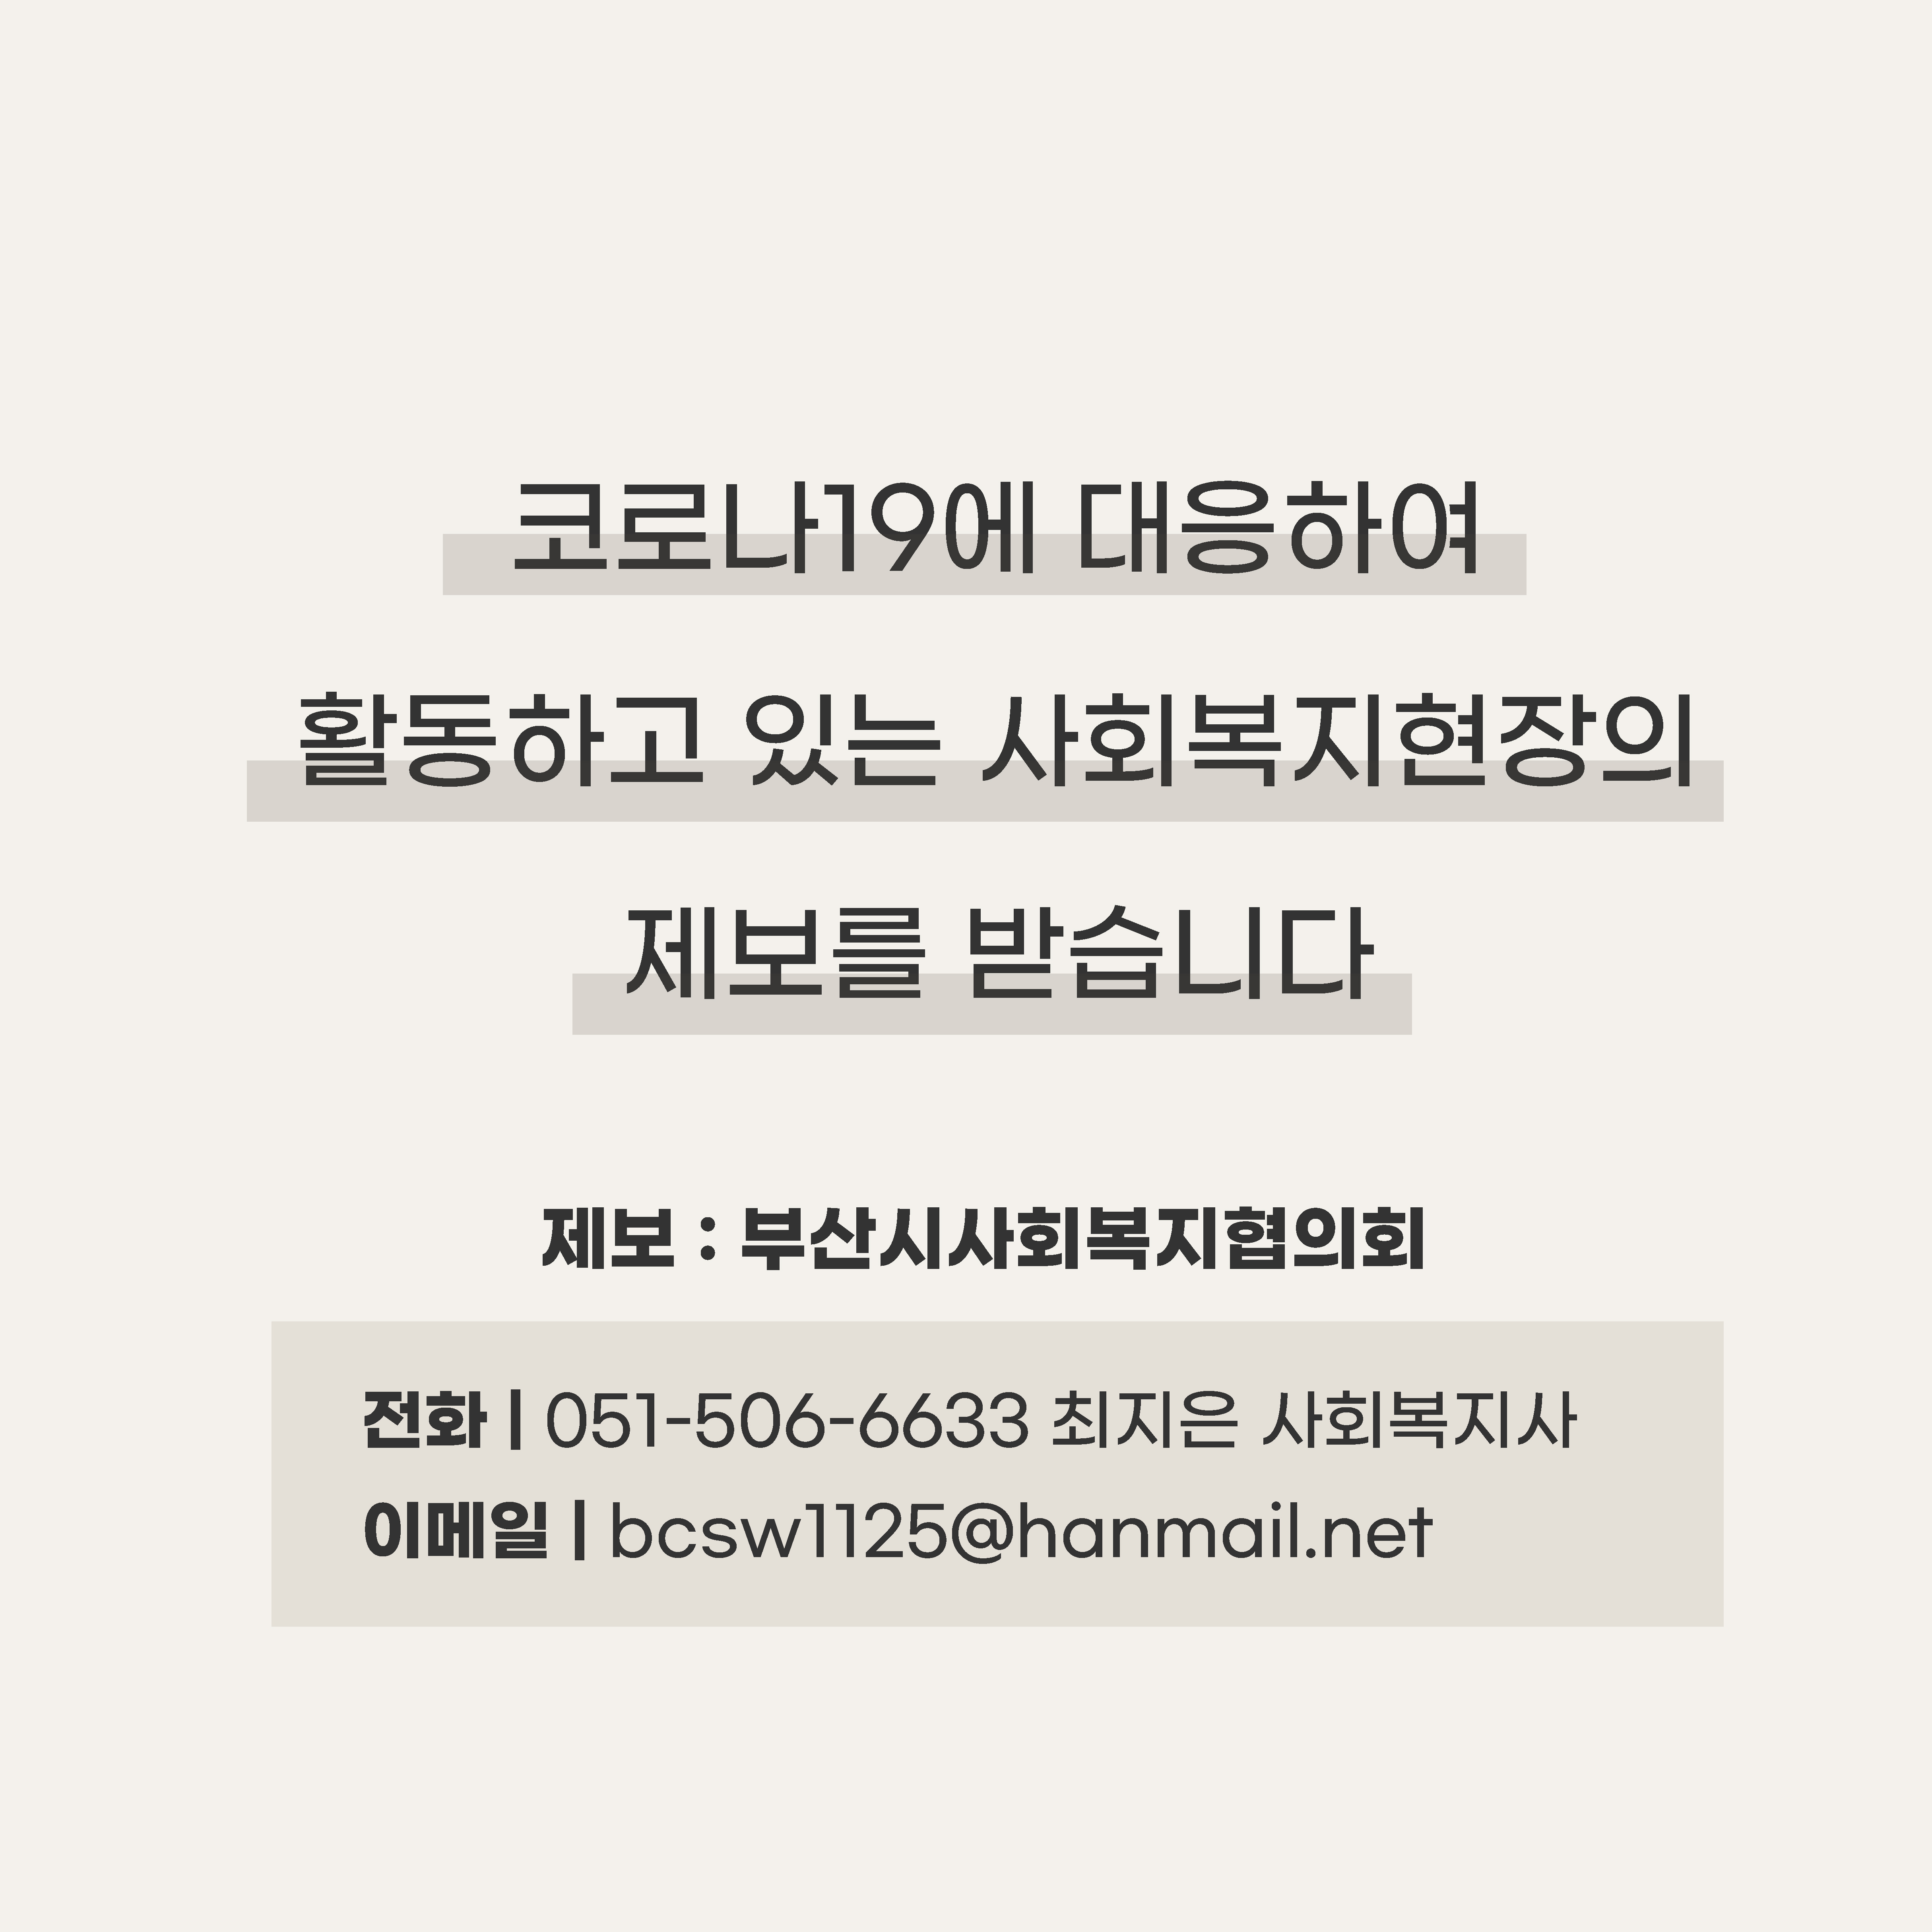 부산시독거노인지원센터편-6.jpg